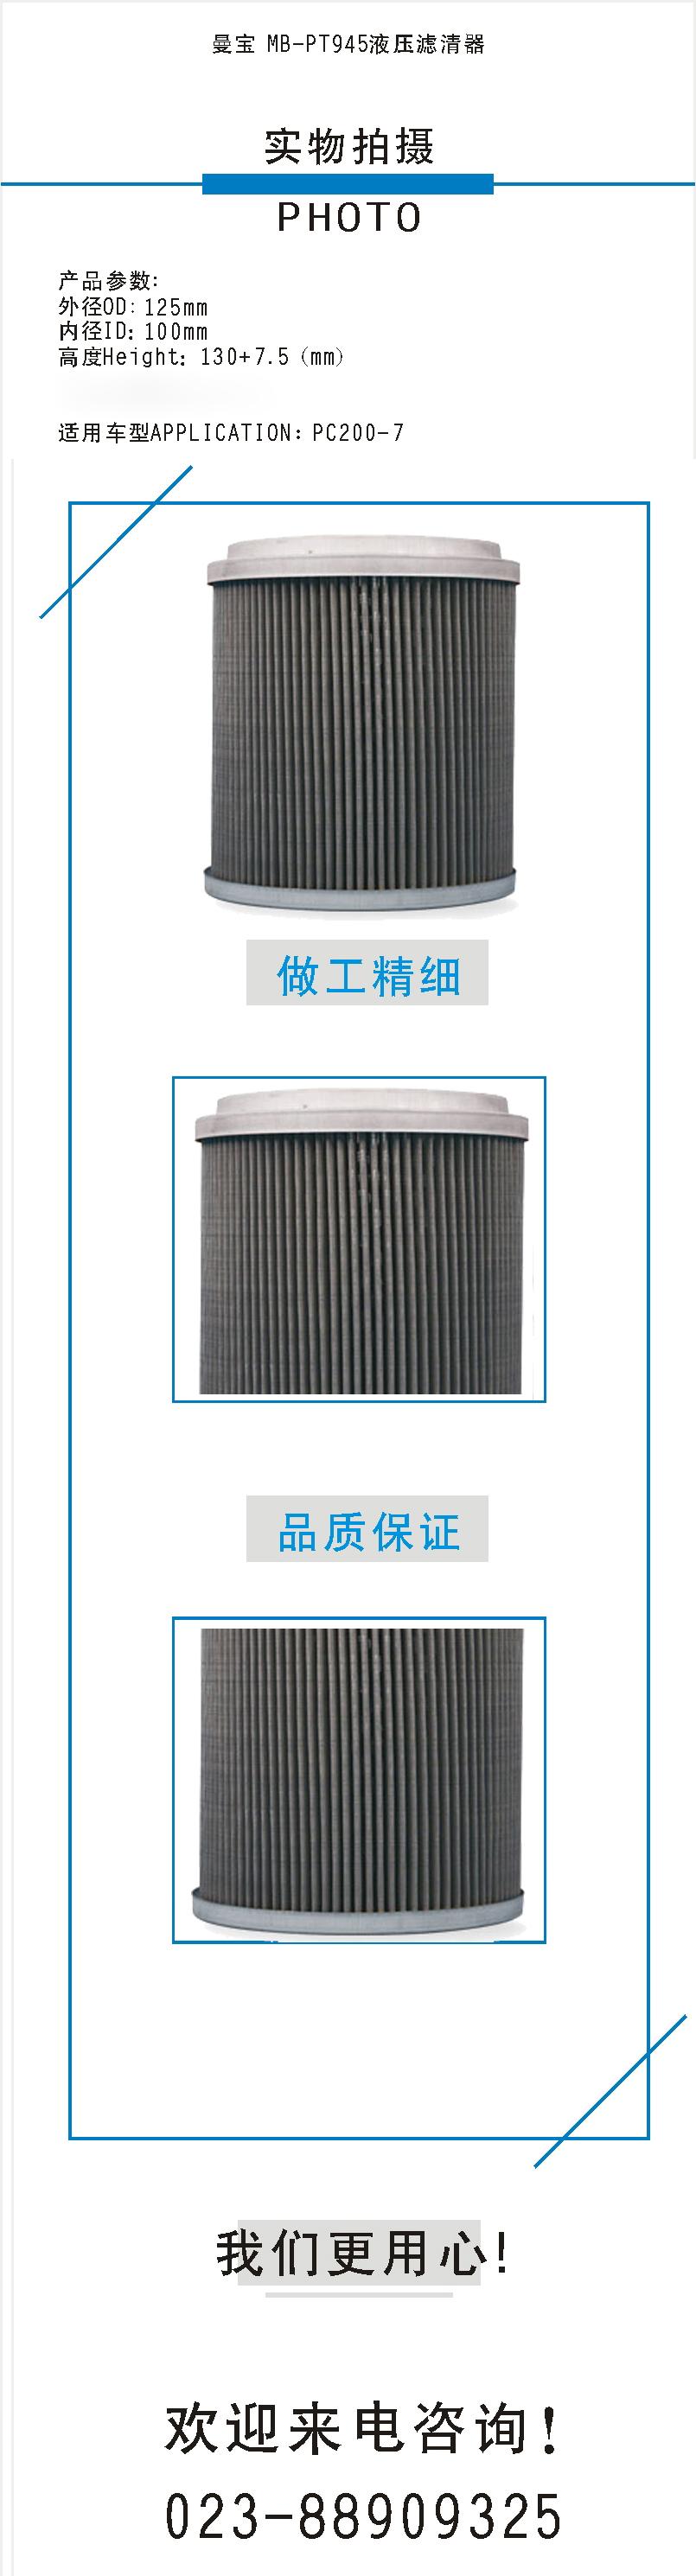 13 曼宝 MB-PT945液压滤清器1.jpg